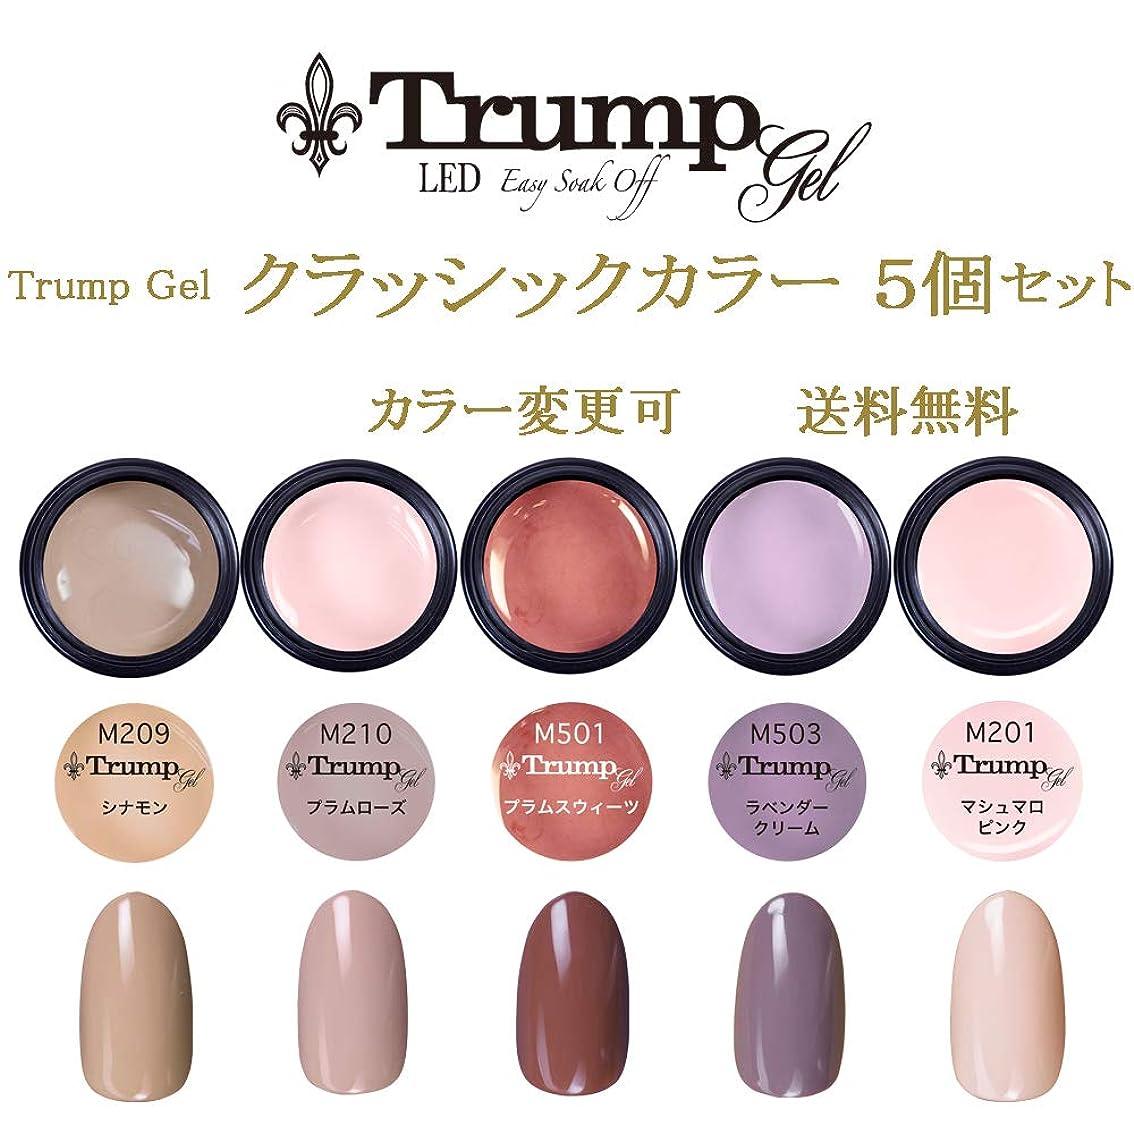 事実上オーバードロー外向き【送料無料】日本製 Trump gel トランプジェル クラッシックカラー 選べる カラージェル 5個セット クラッシック ベージュ ブラウン ホワイト ラメ カラー